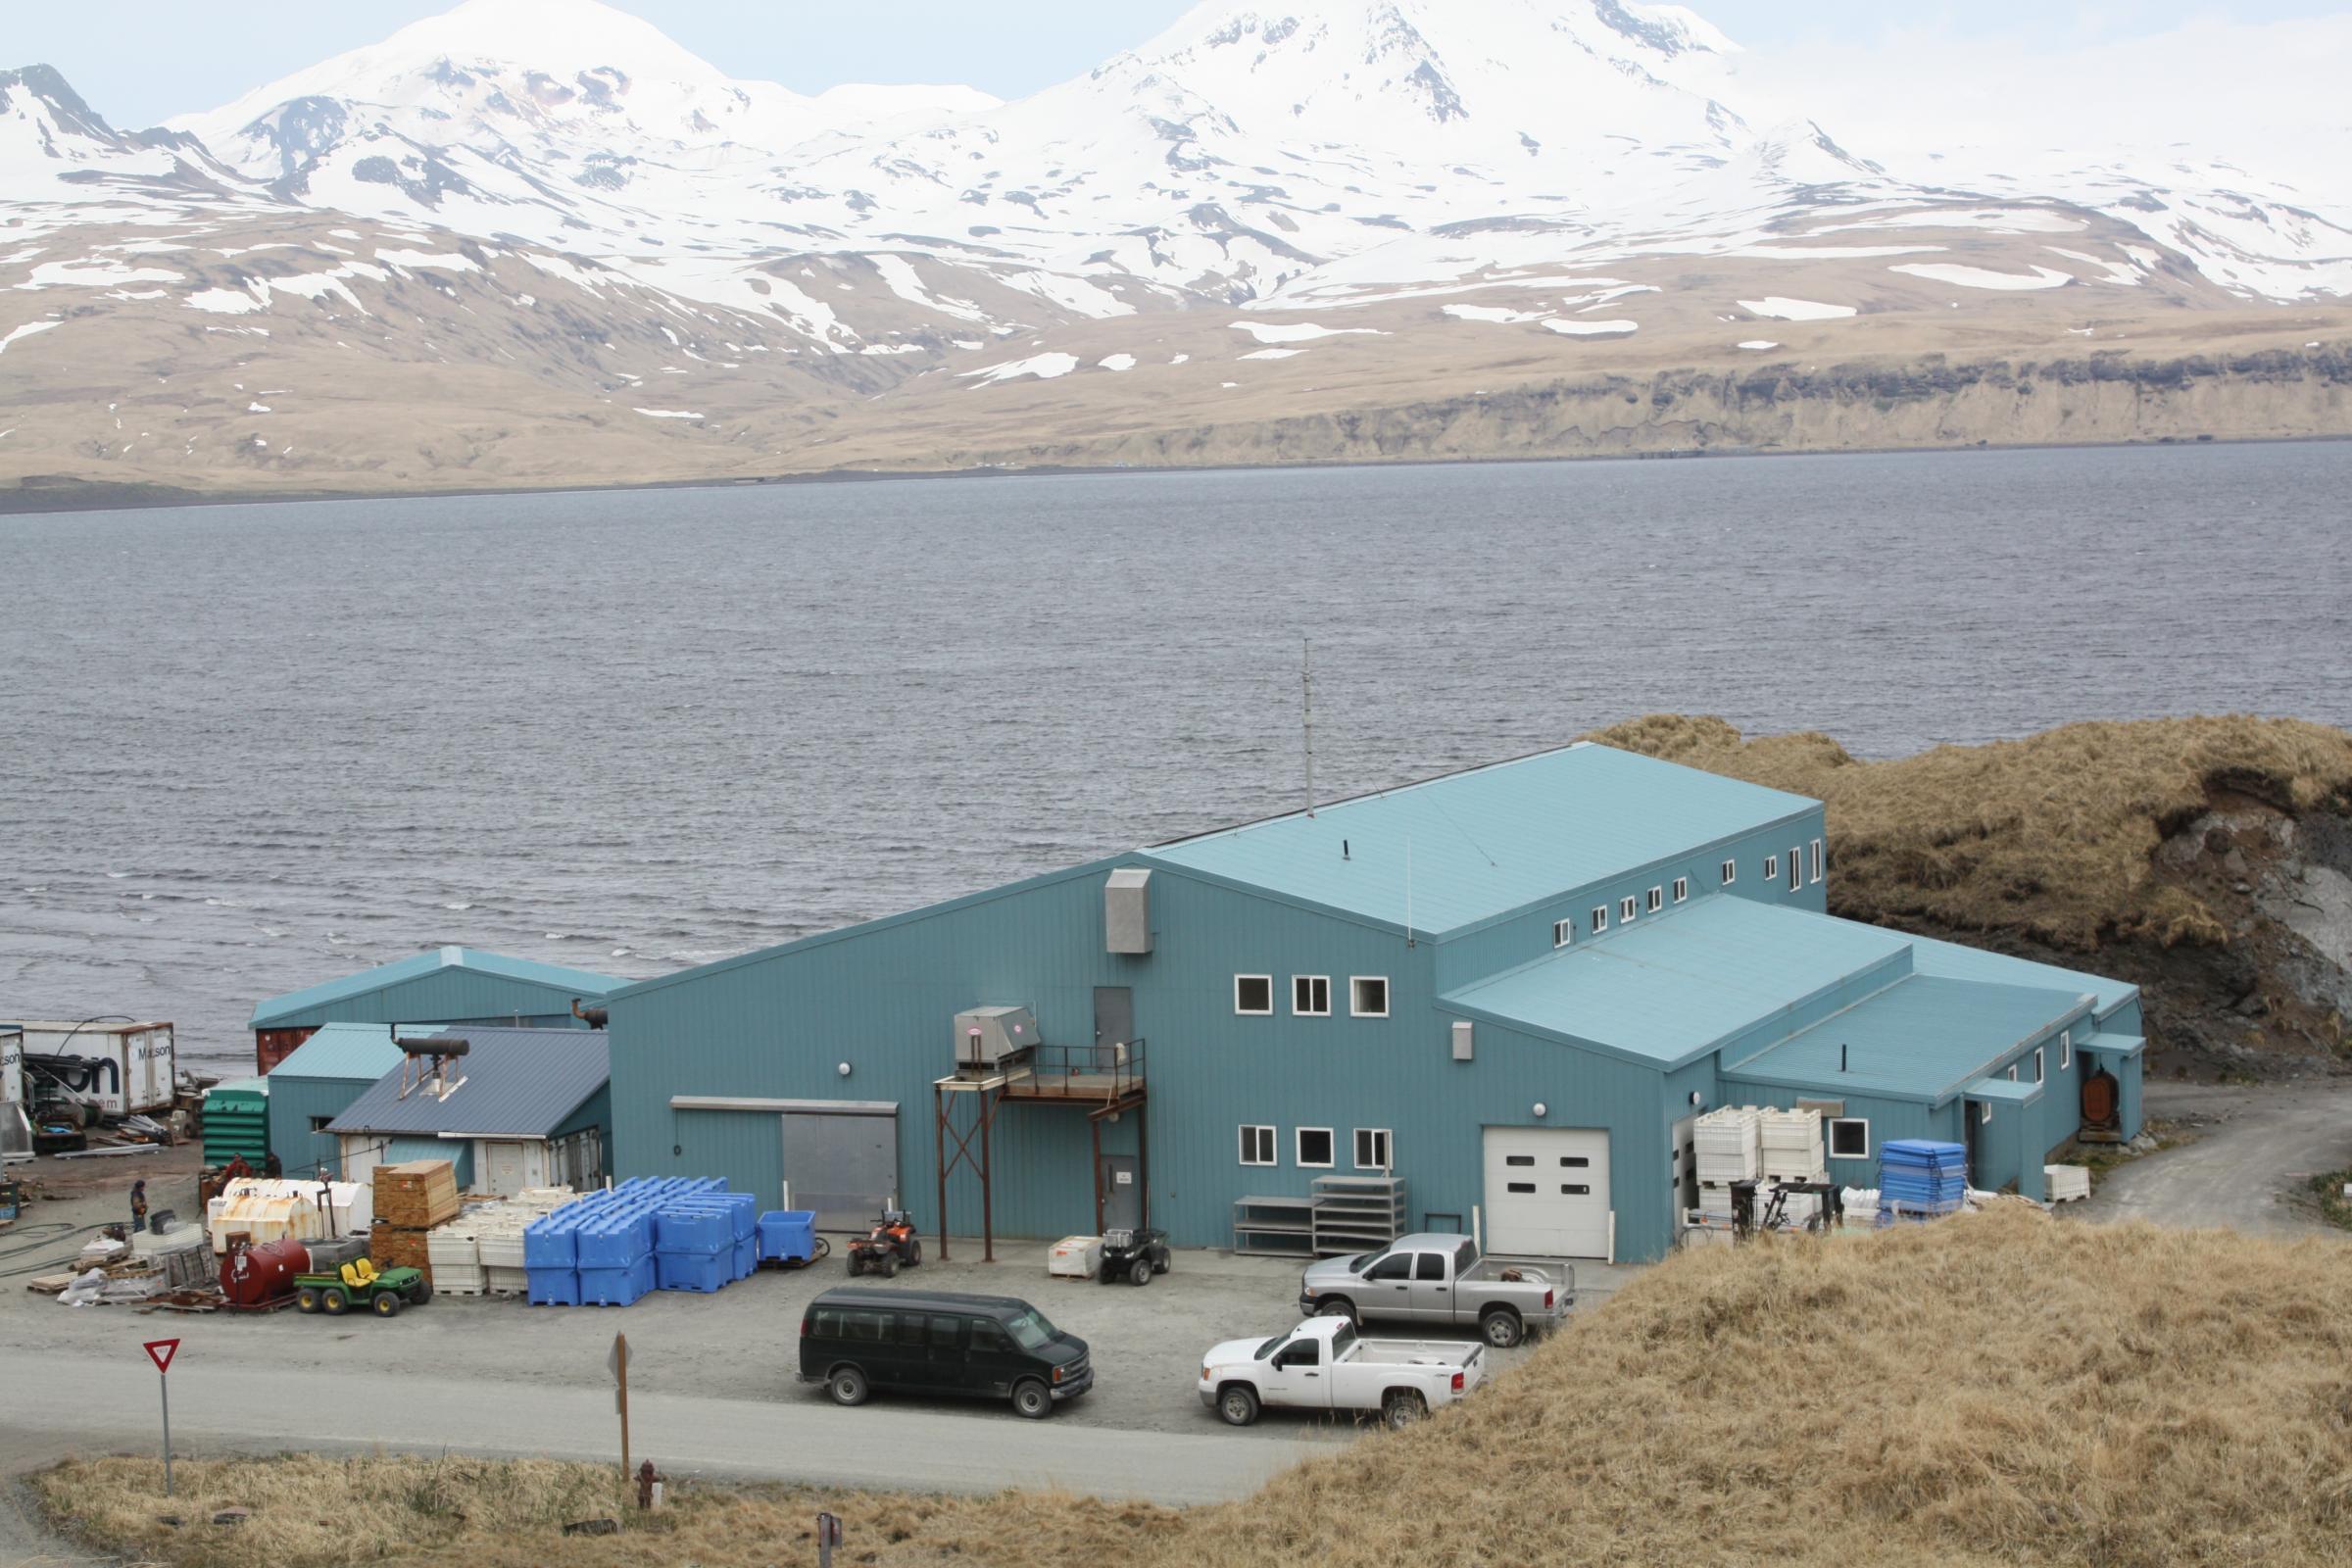 Atka Pride Seafoods in 2013. (Photo by Lauren Rosenthal, KUCB - Unalaska)